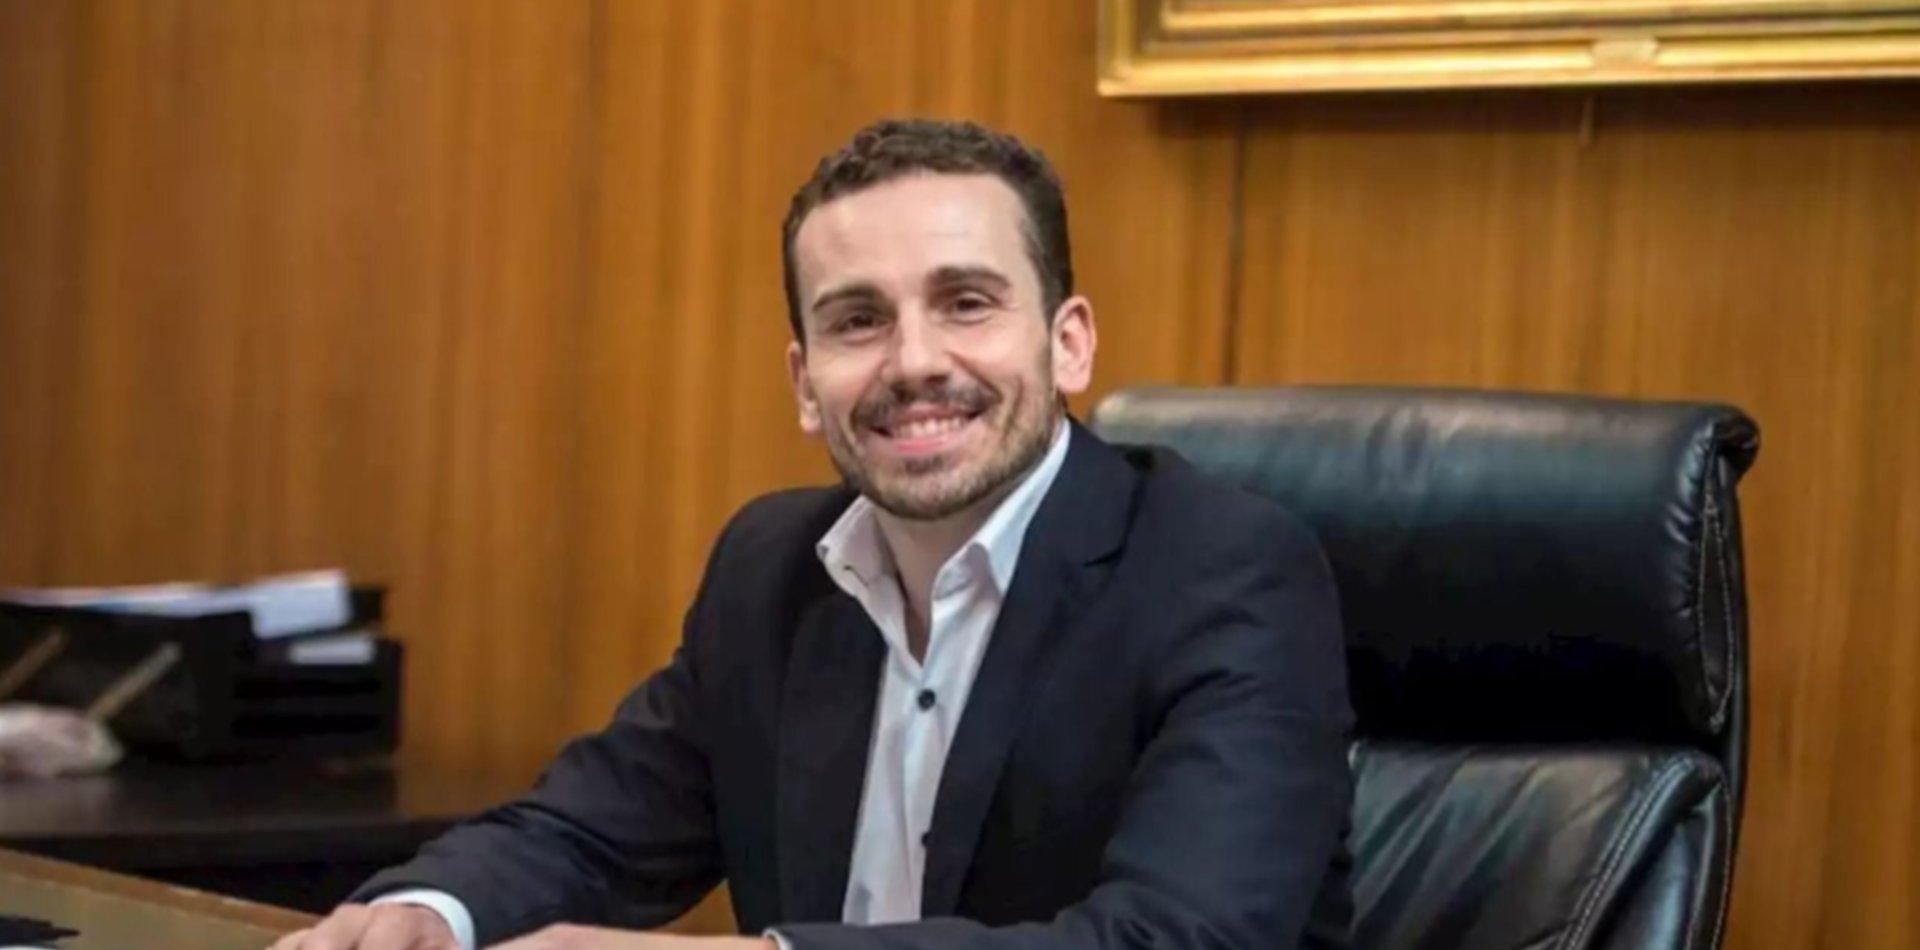 De la UNLP a negociar la deuda: Diego Bastourre, otro platense en el equipo de Guzmán